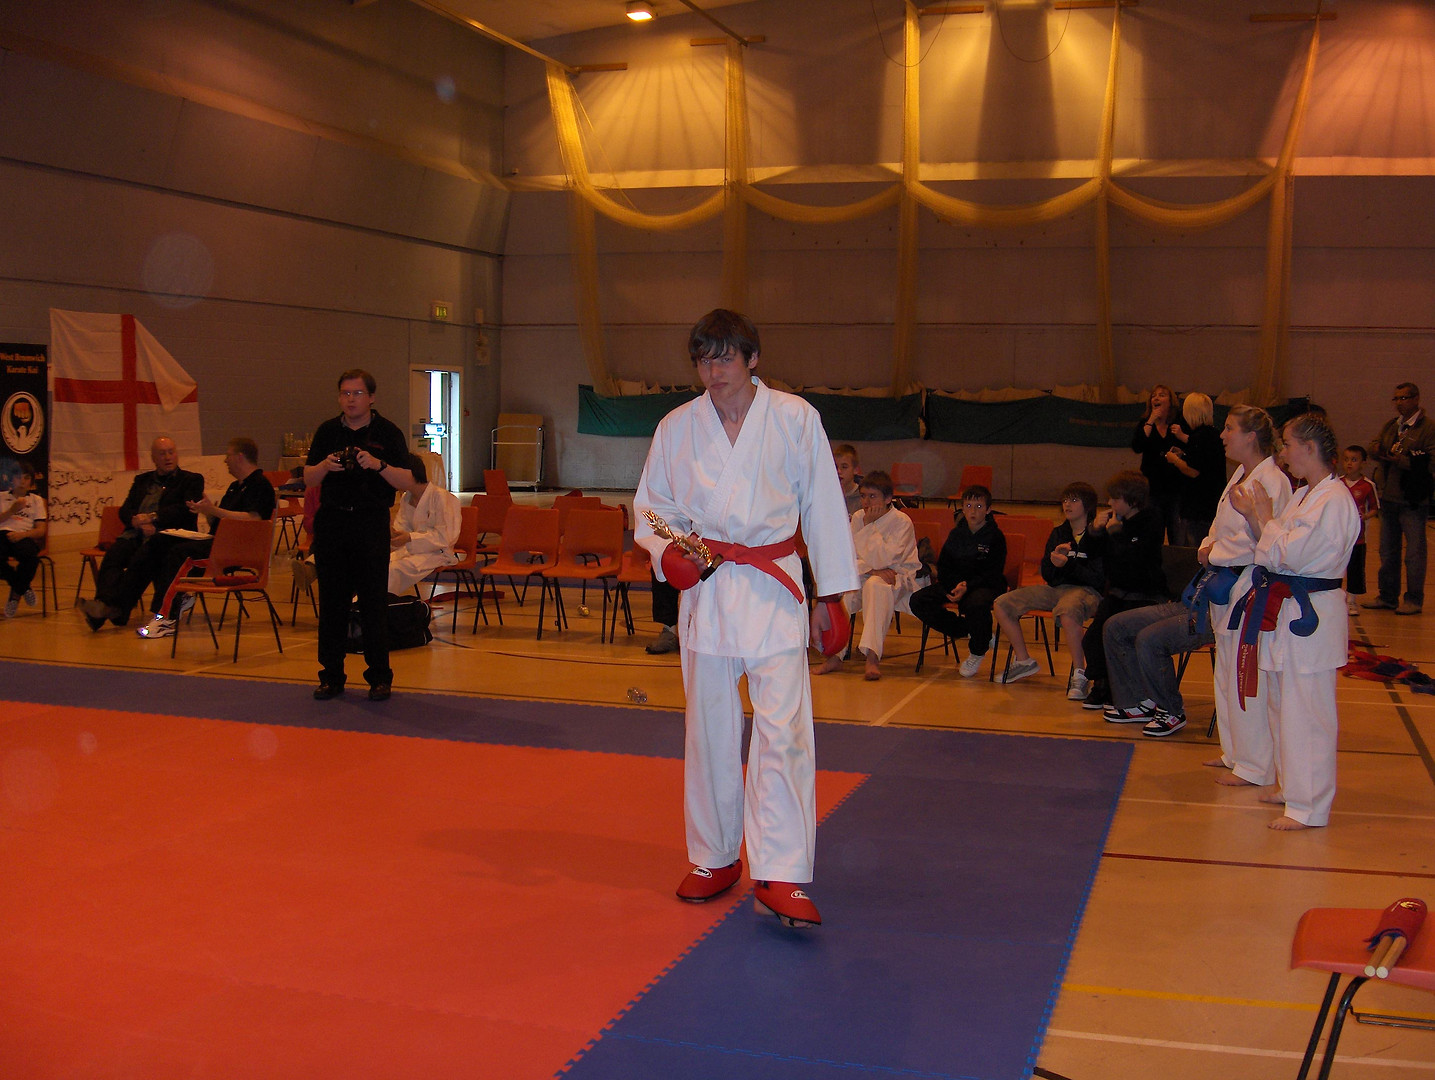 Josh Kumite Champion